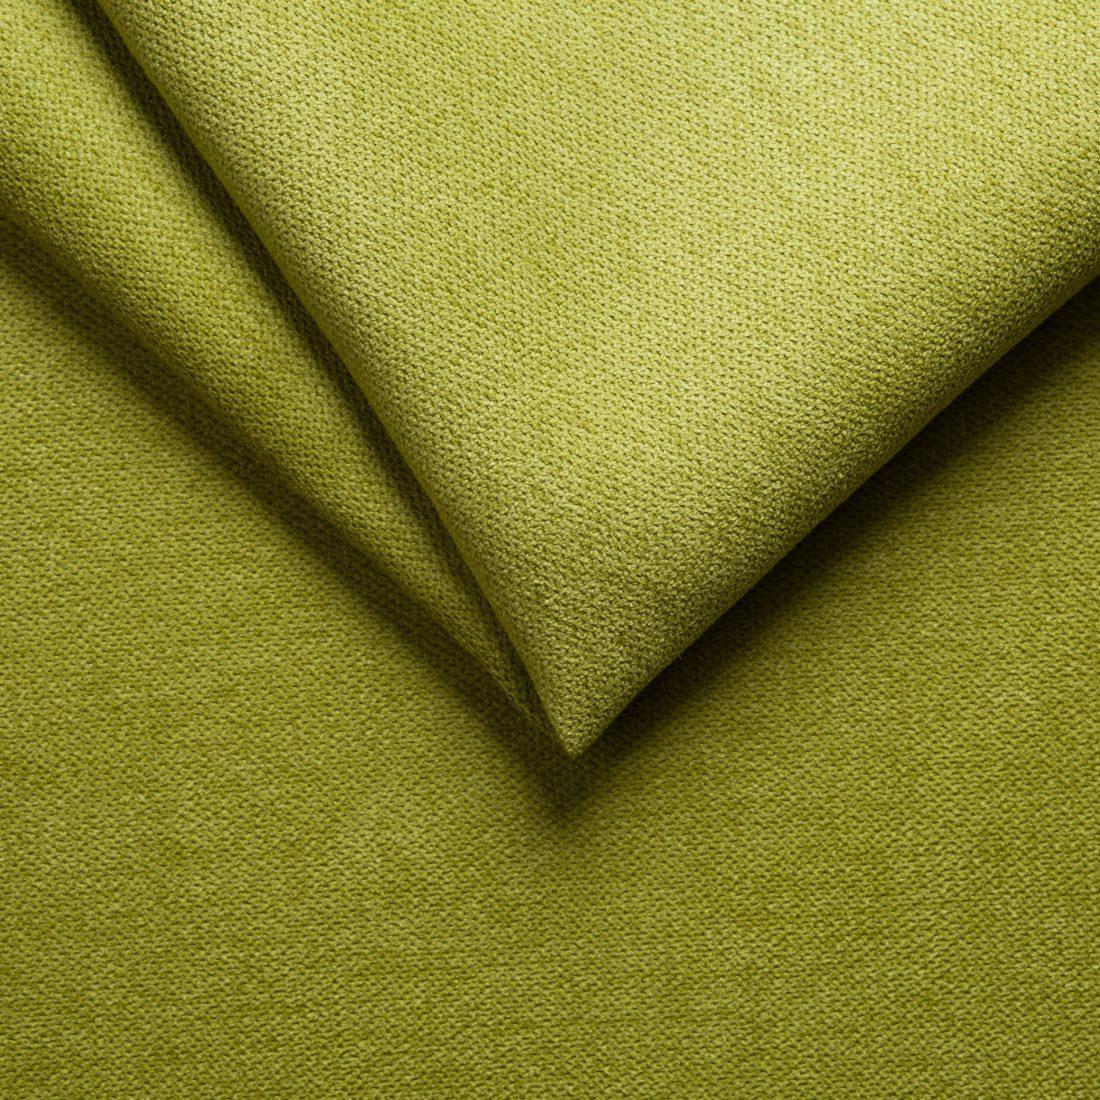 Мебельная ткань Enjoy 10 Green, микрофибра